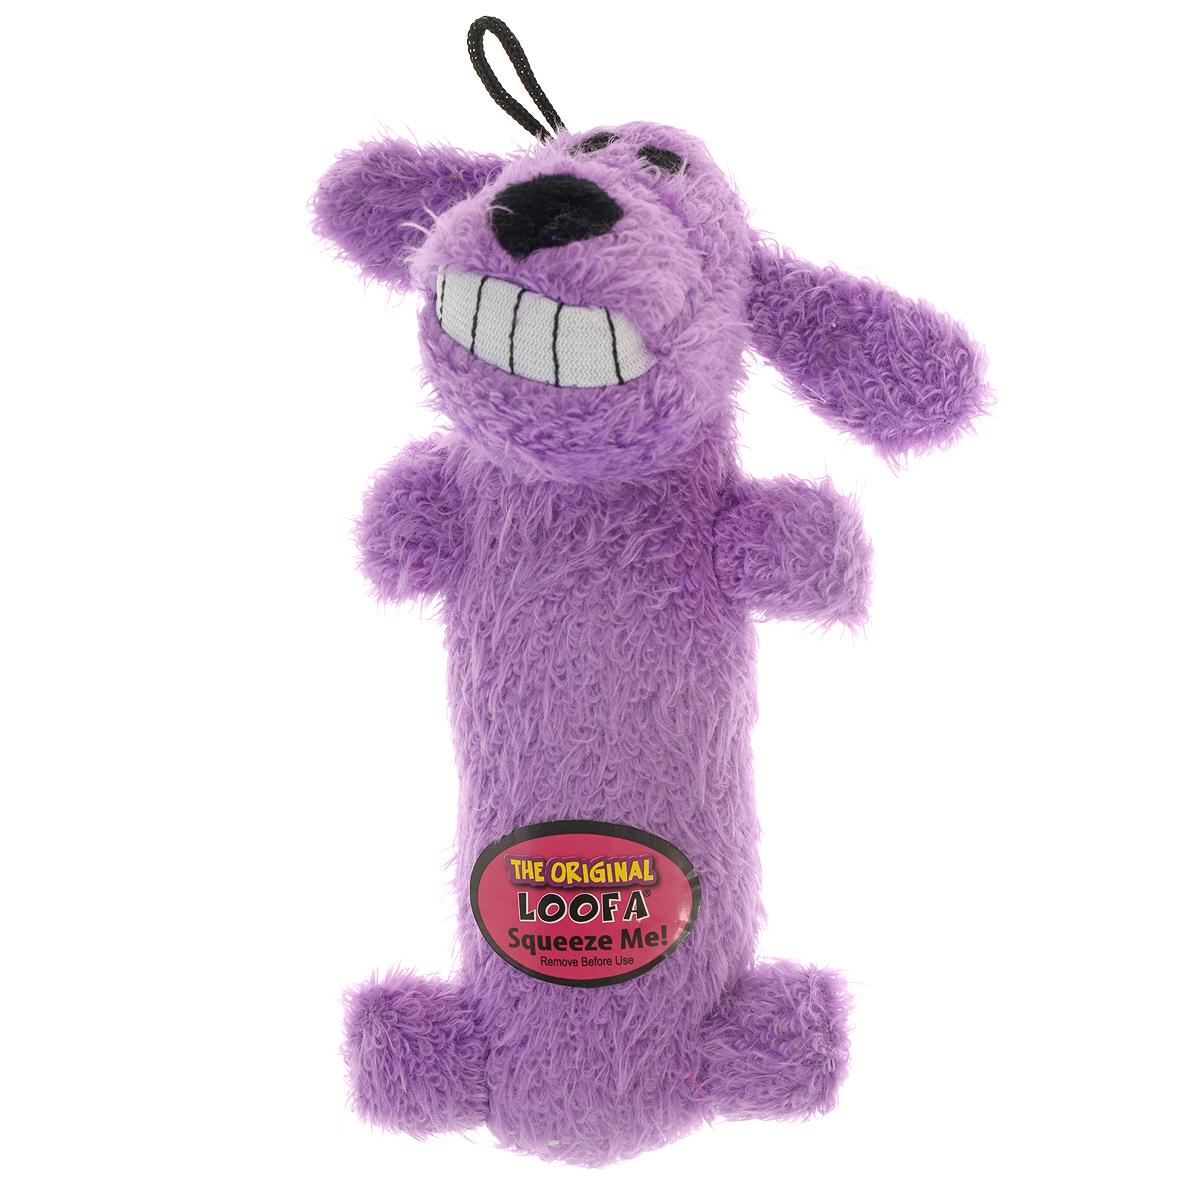 Игрушка для животных Multipet Собака, с пищалкой, цвет: фиолетовый12-47711Игрушка Multipet Собака изготовлена из прочного и долговечного полиэстера, устойчивого к разгрызанию. Необычная и забавная игрушка прекрасно подойдет для собак и кошек, любящих плюшевые игрушки с пищалками, так как в игрушку вшиты 2 пищалки с разным звучанием.